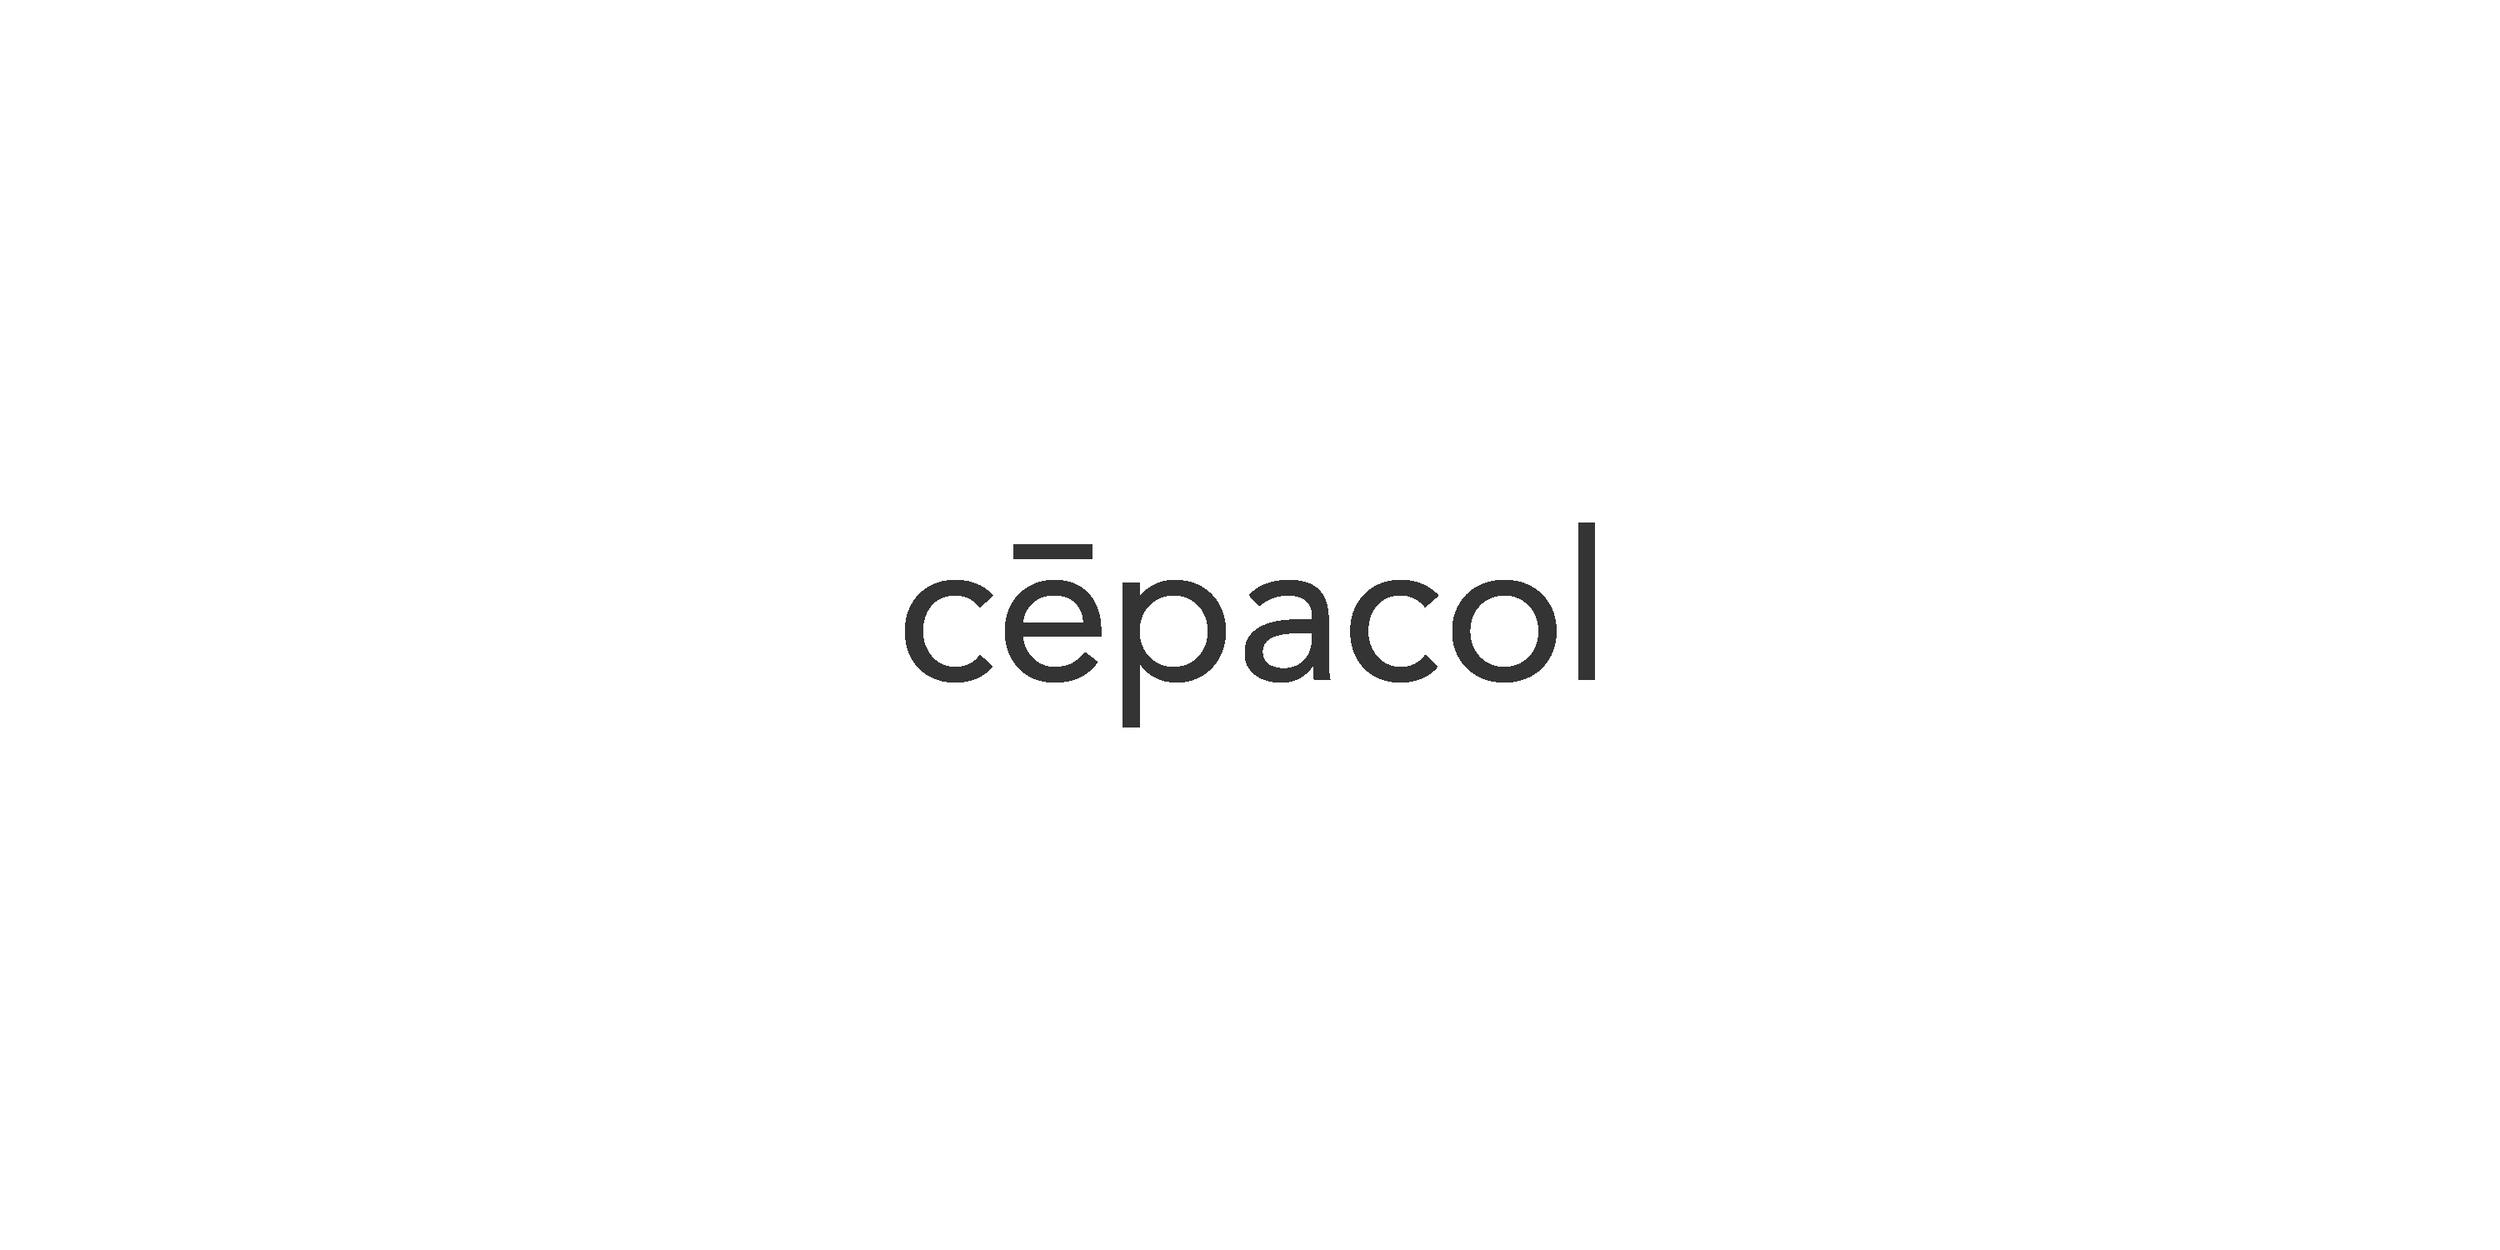 cepacol-04.jpg